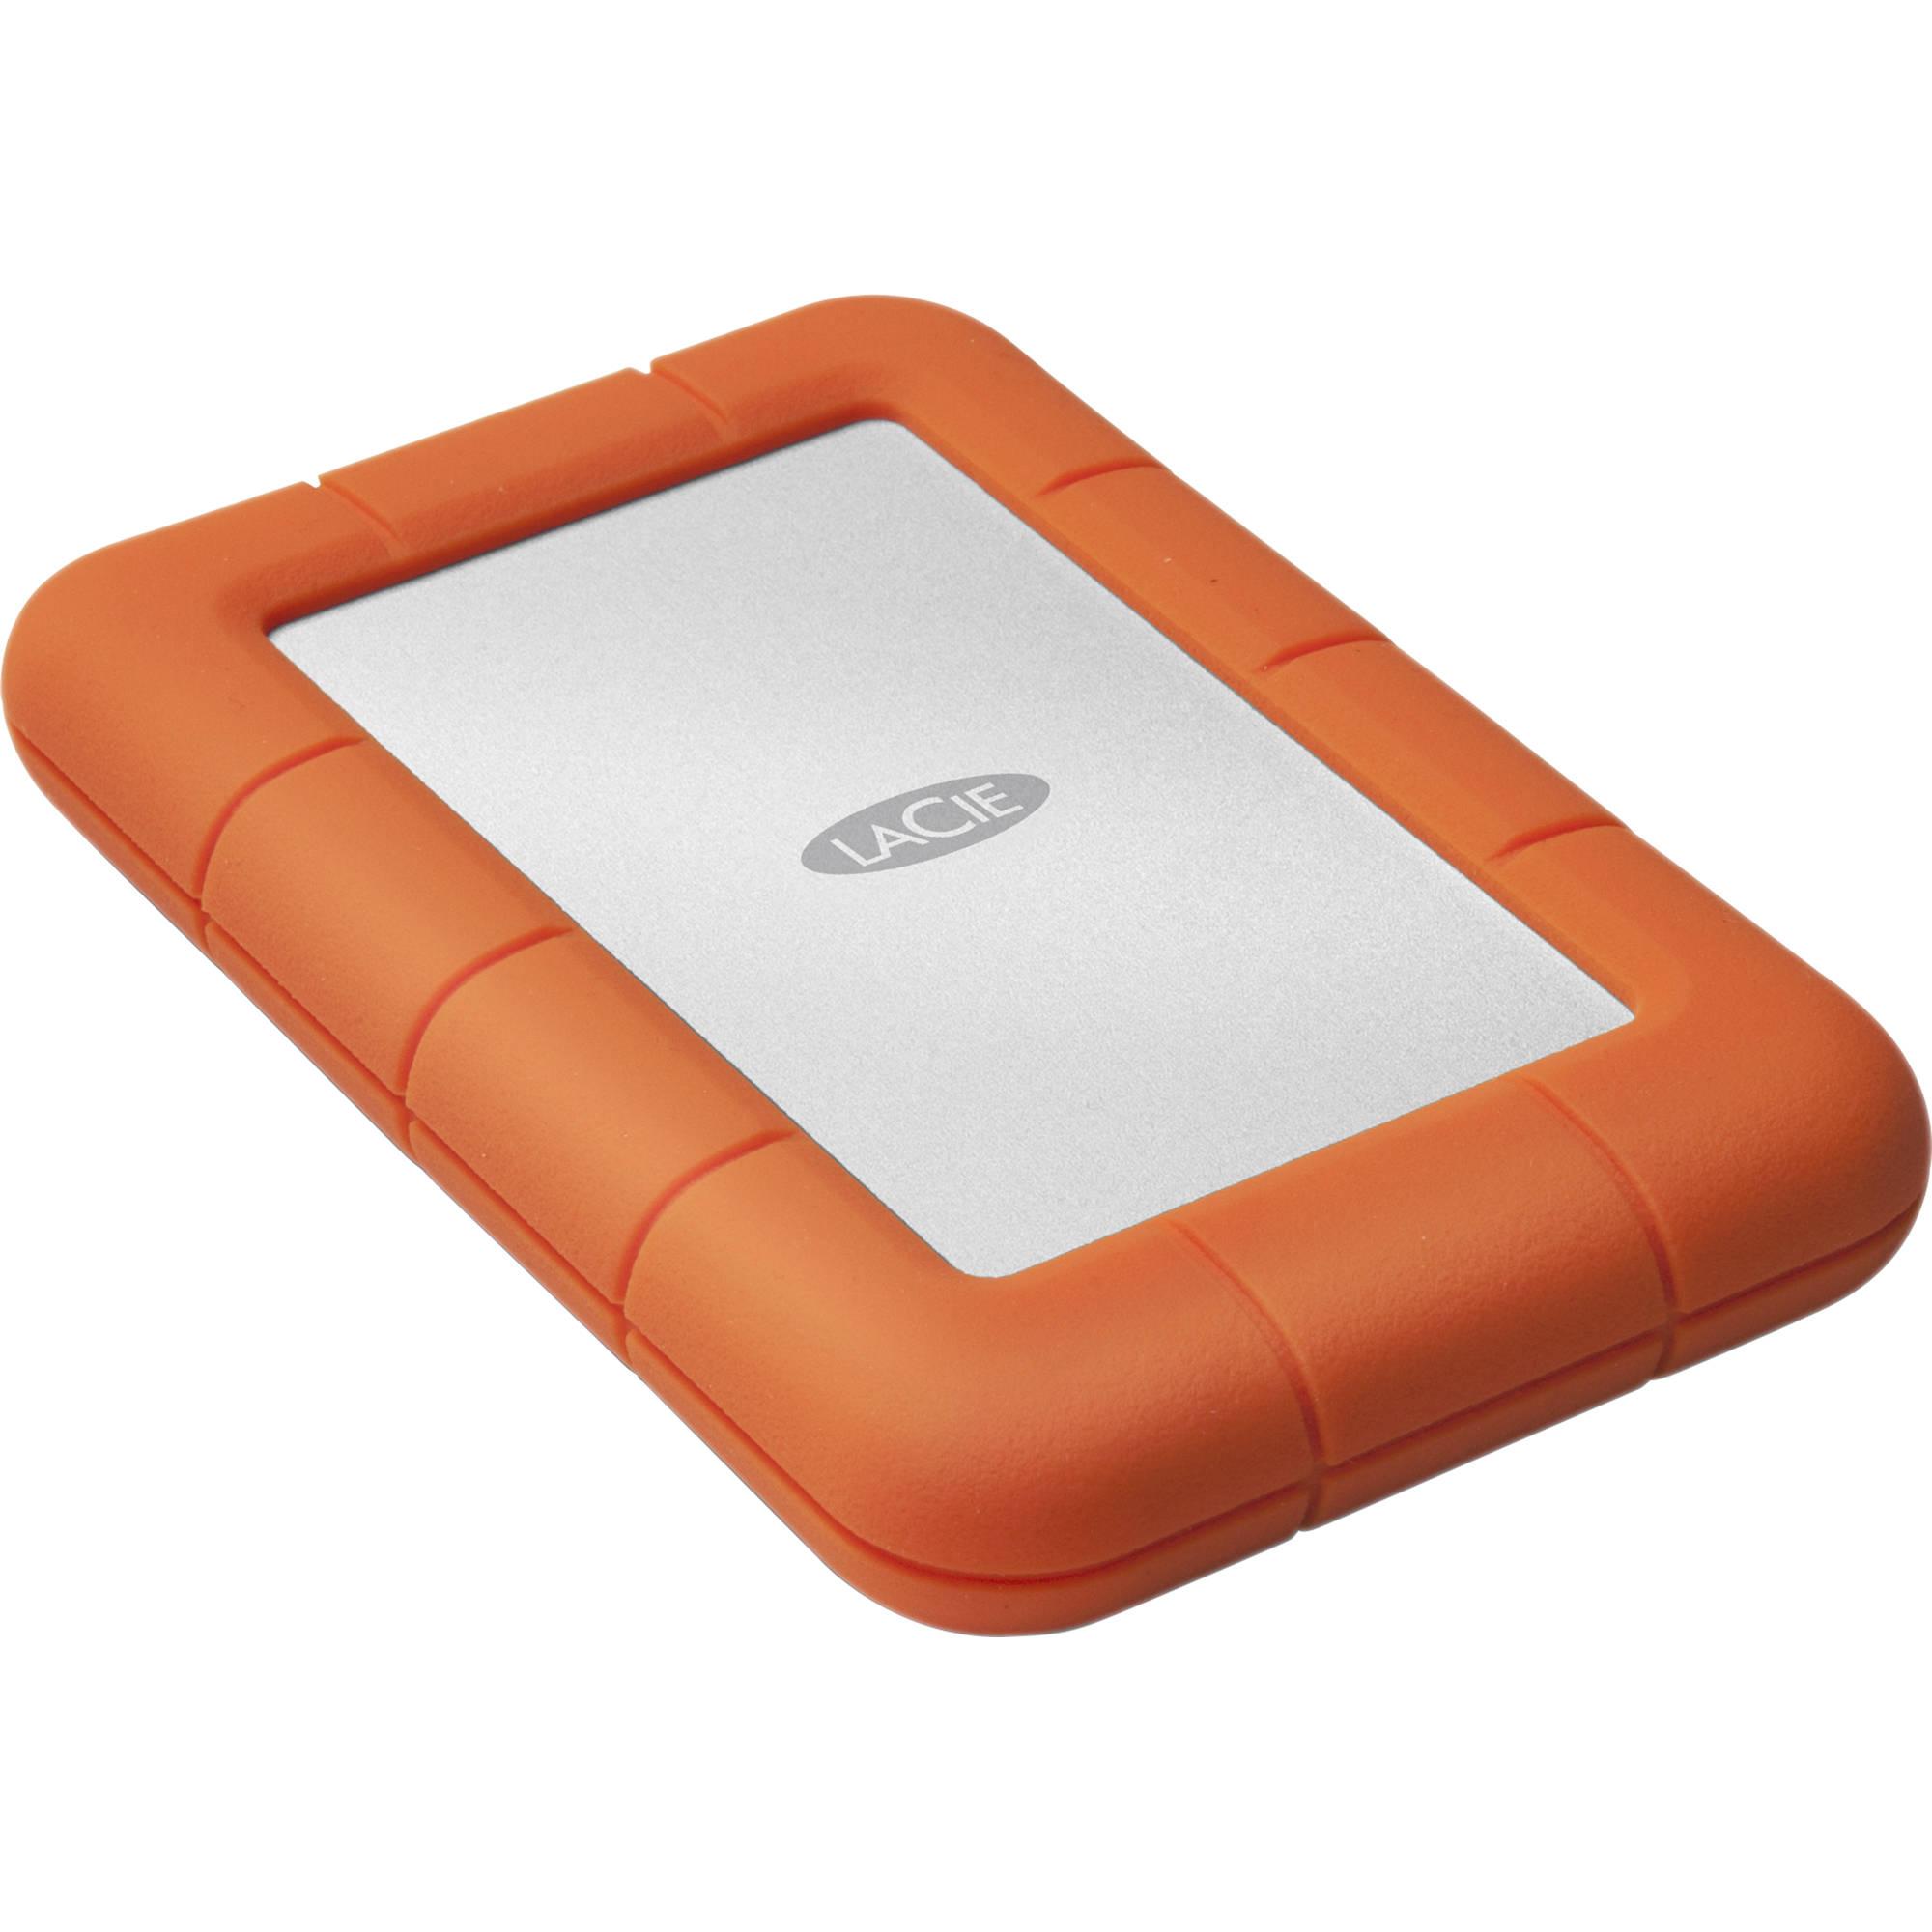 Lacie 4tb Rugged Mini Usb 3 0 External Hard Drive